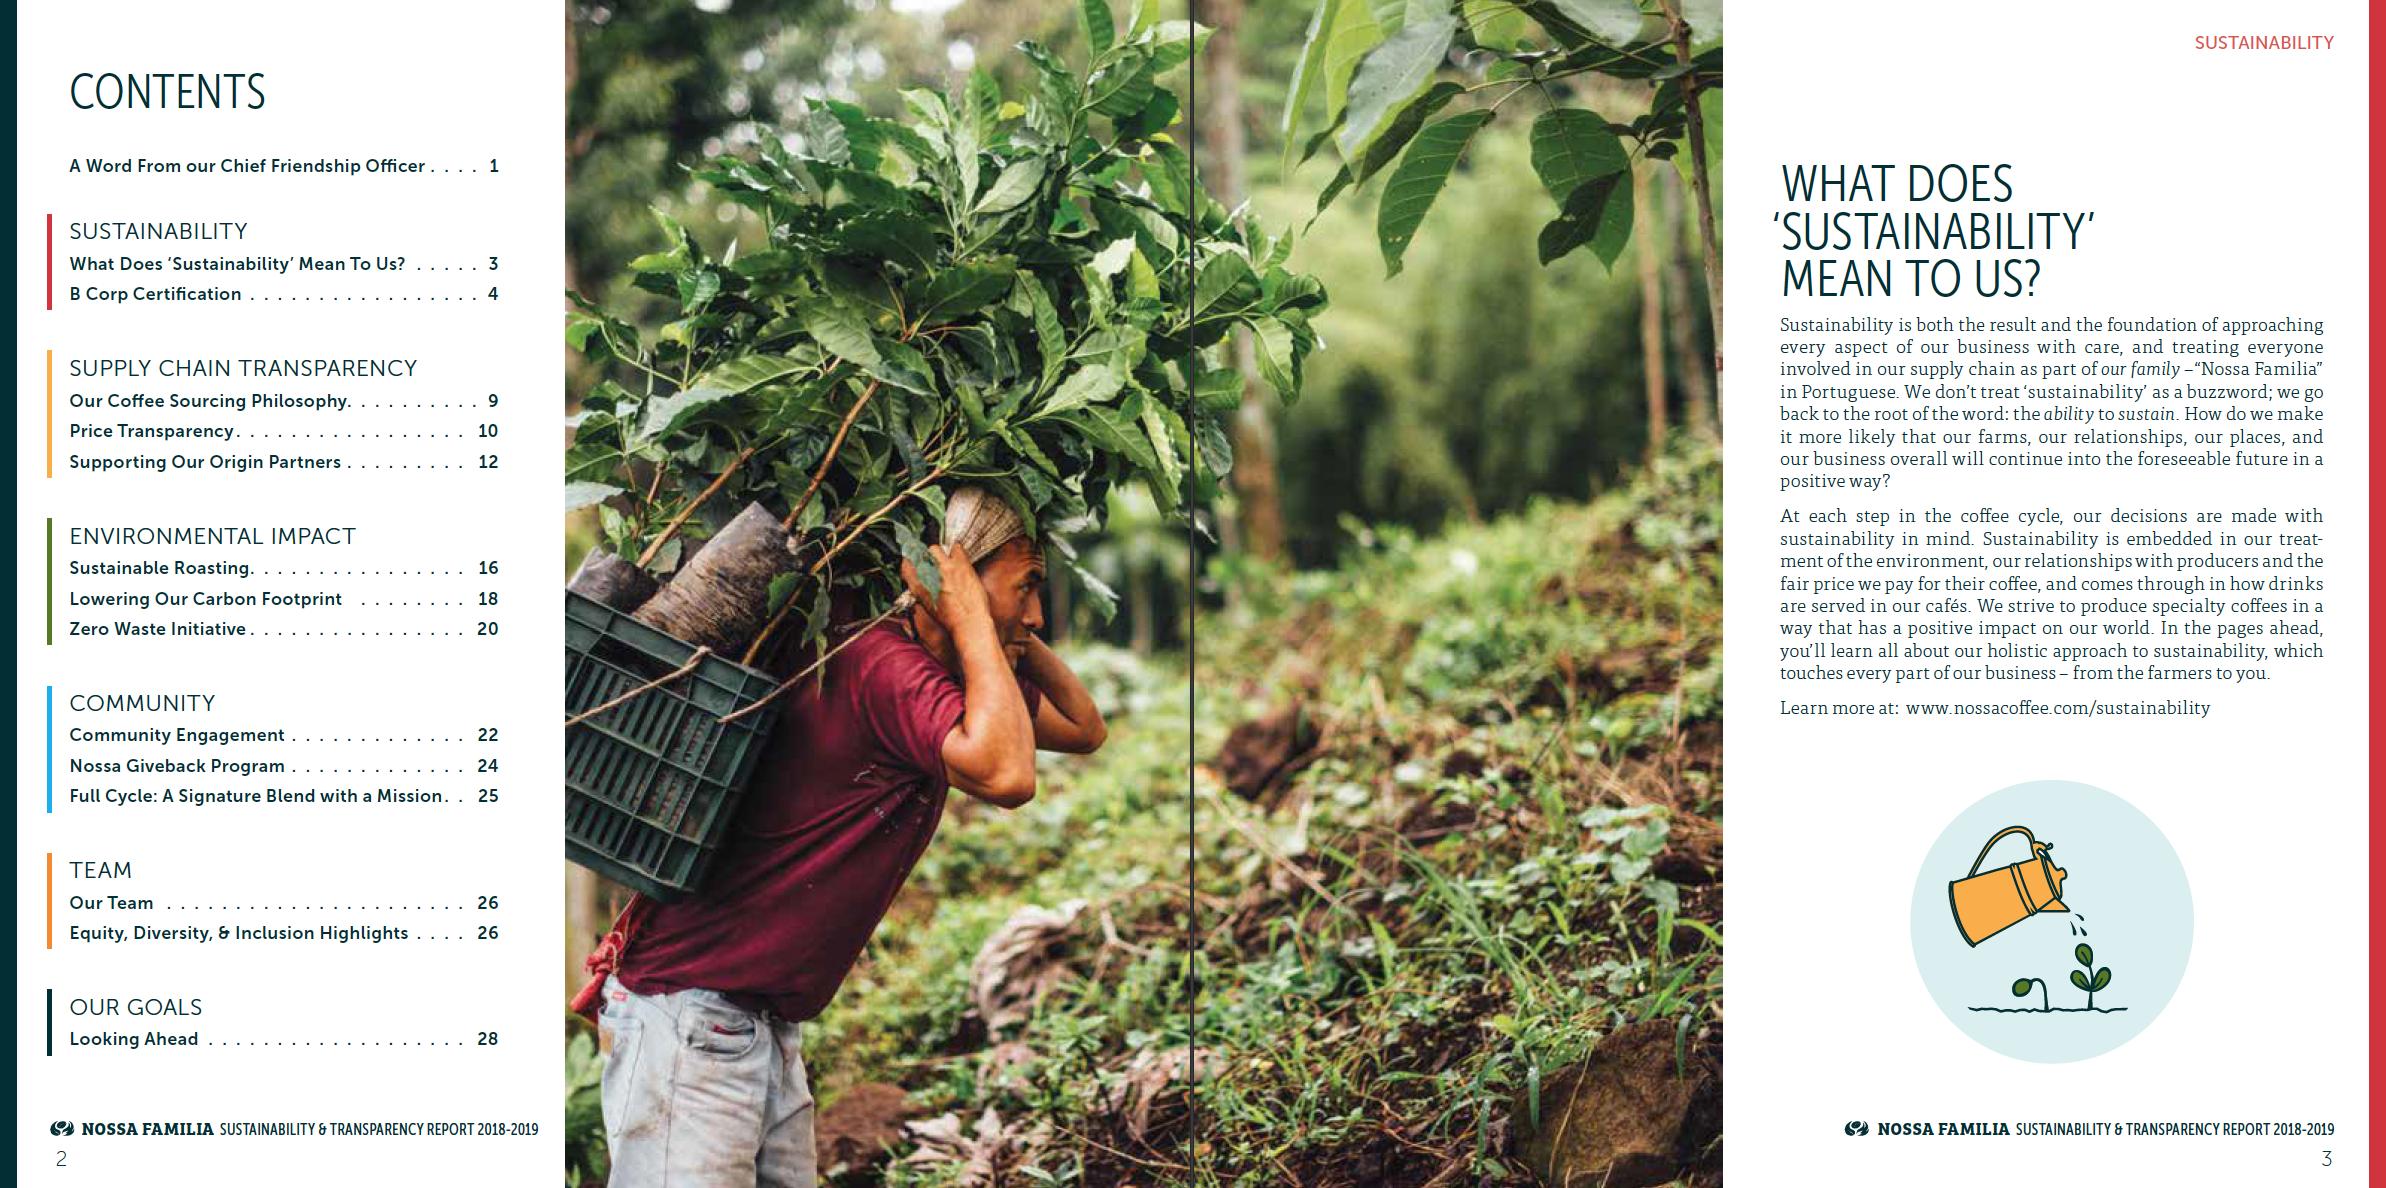 nossa-familia-sustainability-report-p2.png